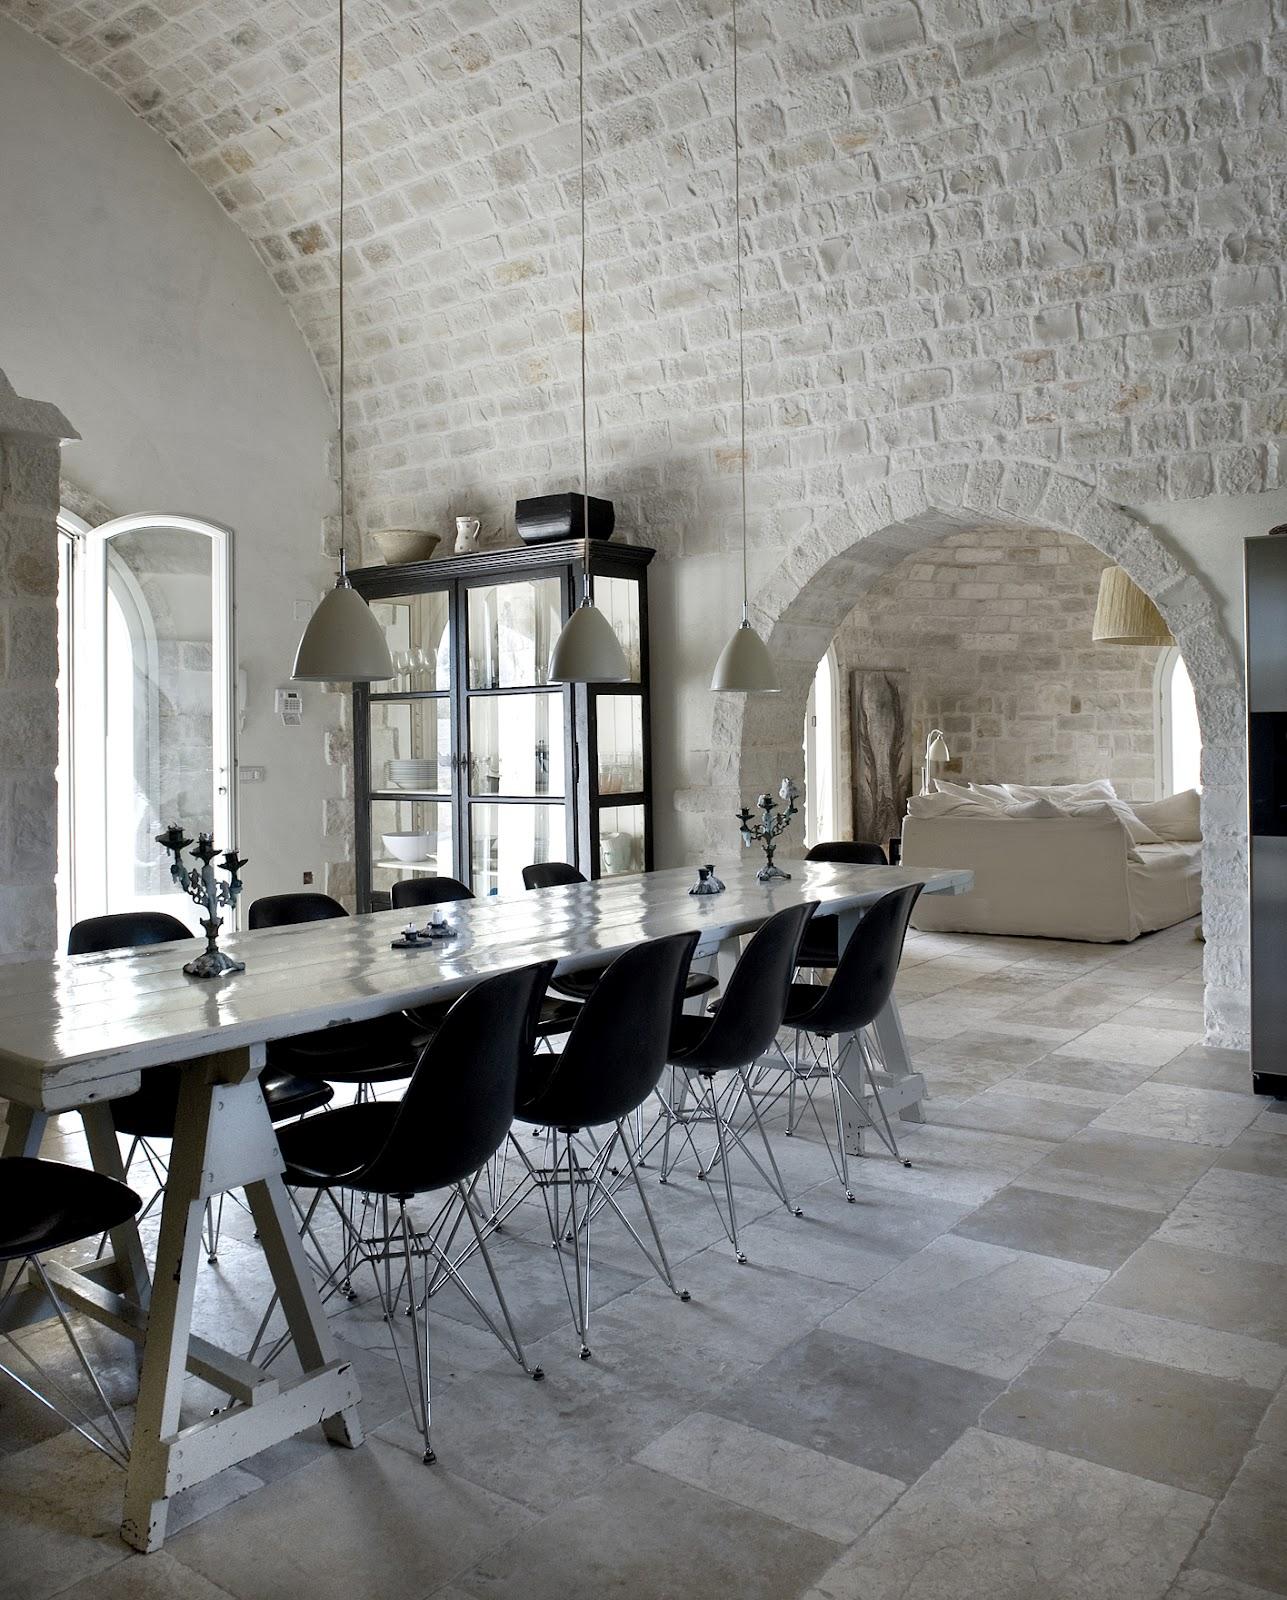 Hus Inspiration Inredning: Ett annorlunda hem....